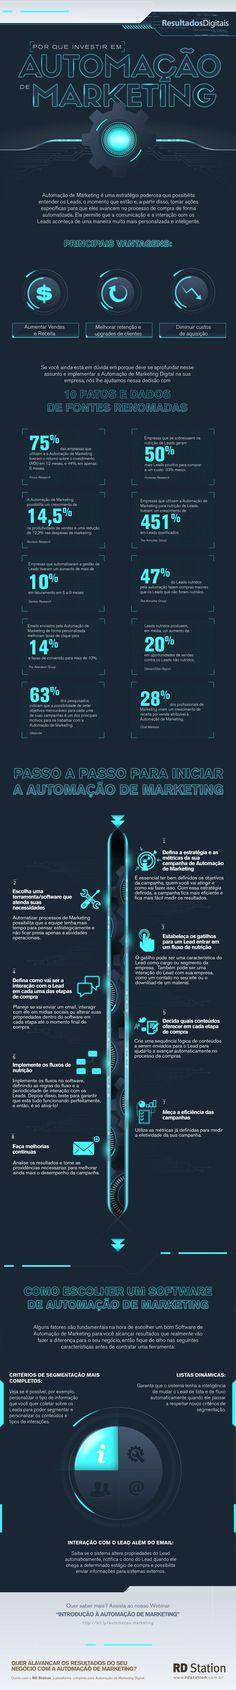 Marketing de Automação -Infográfico